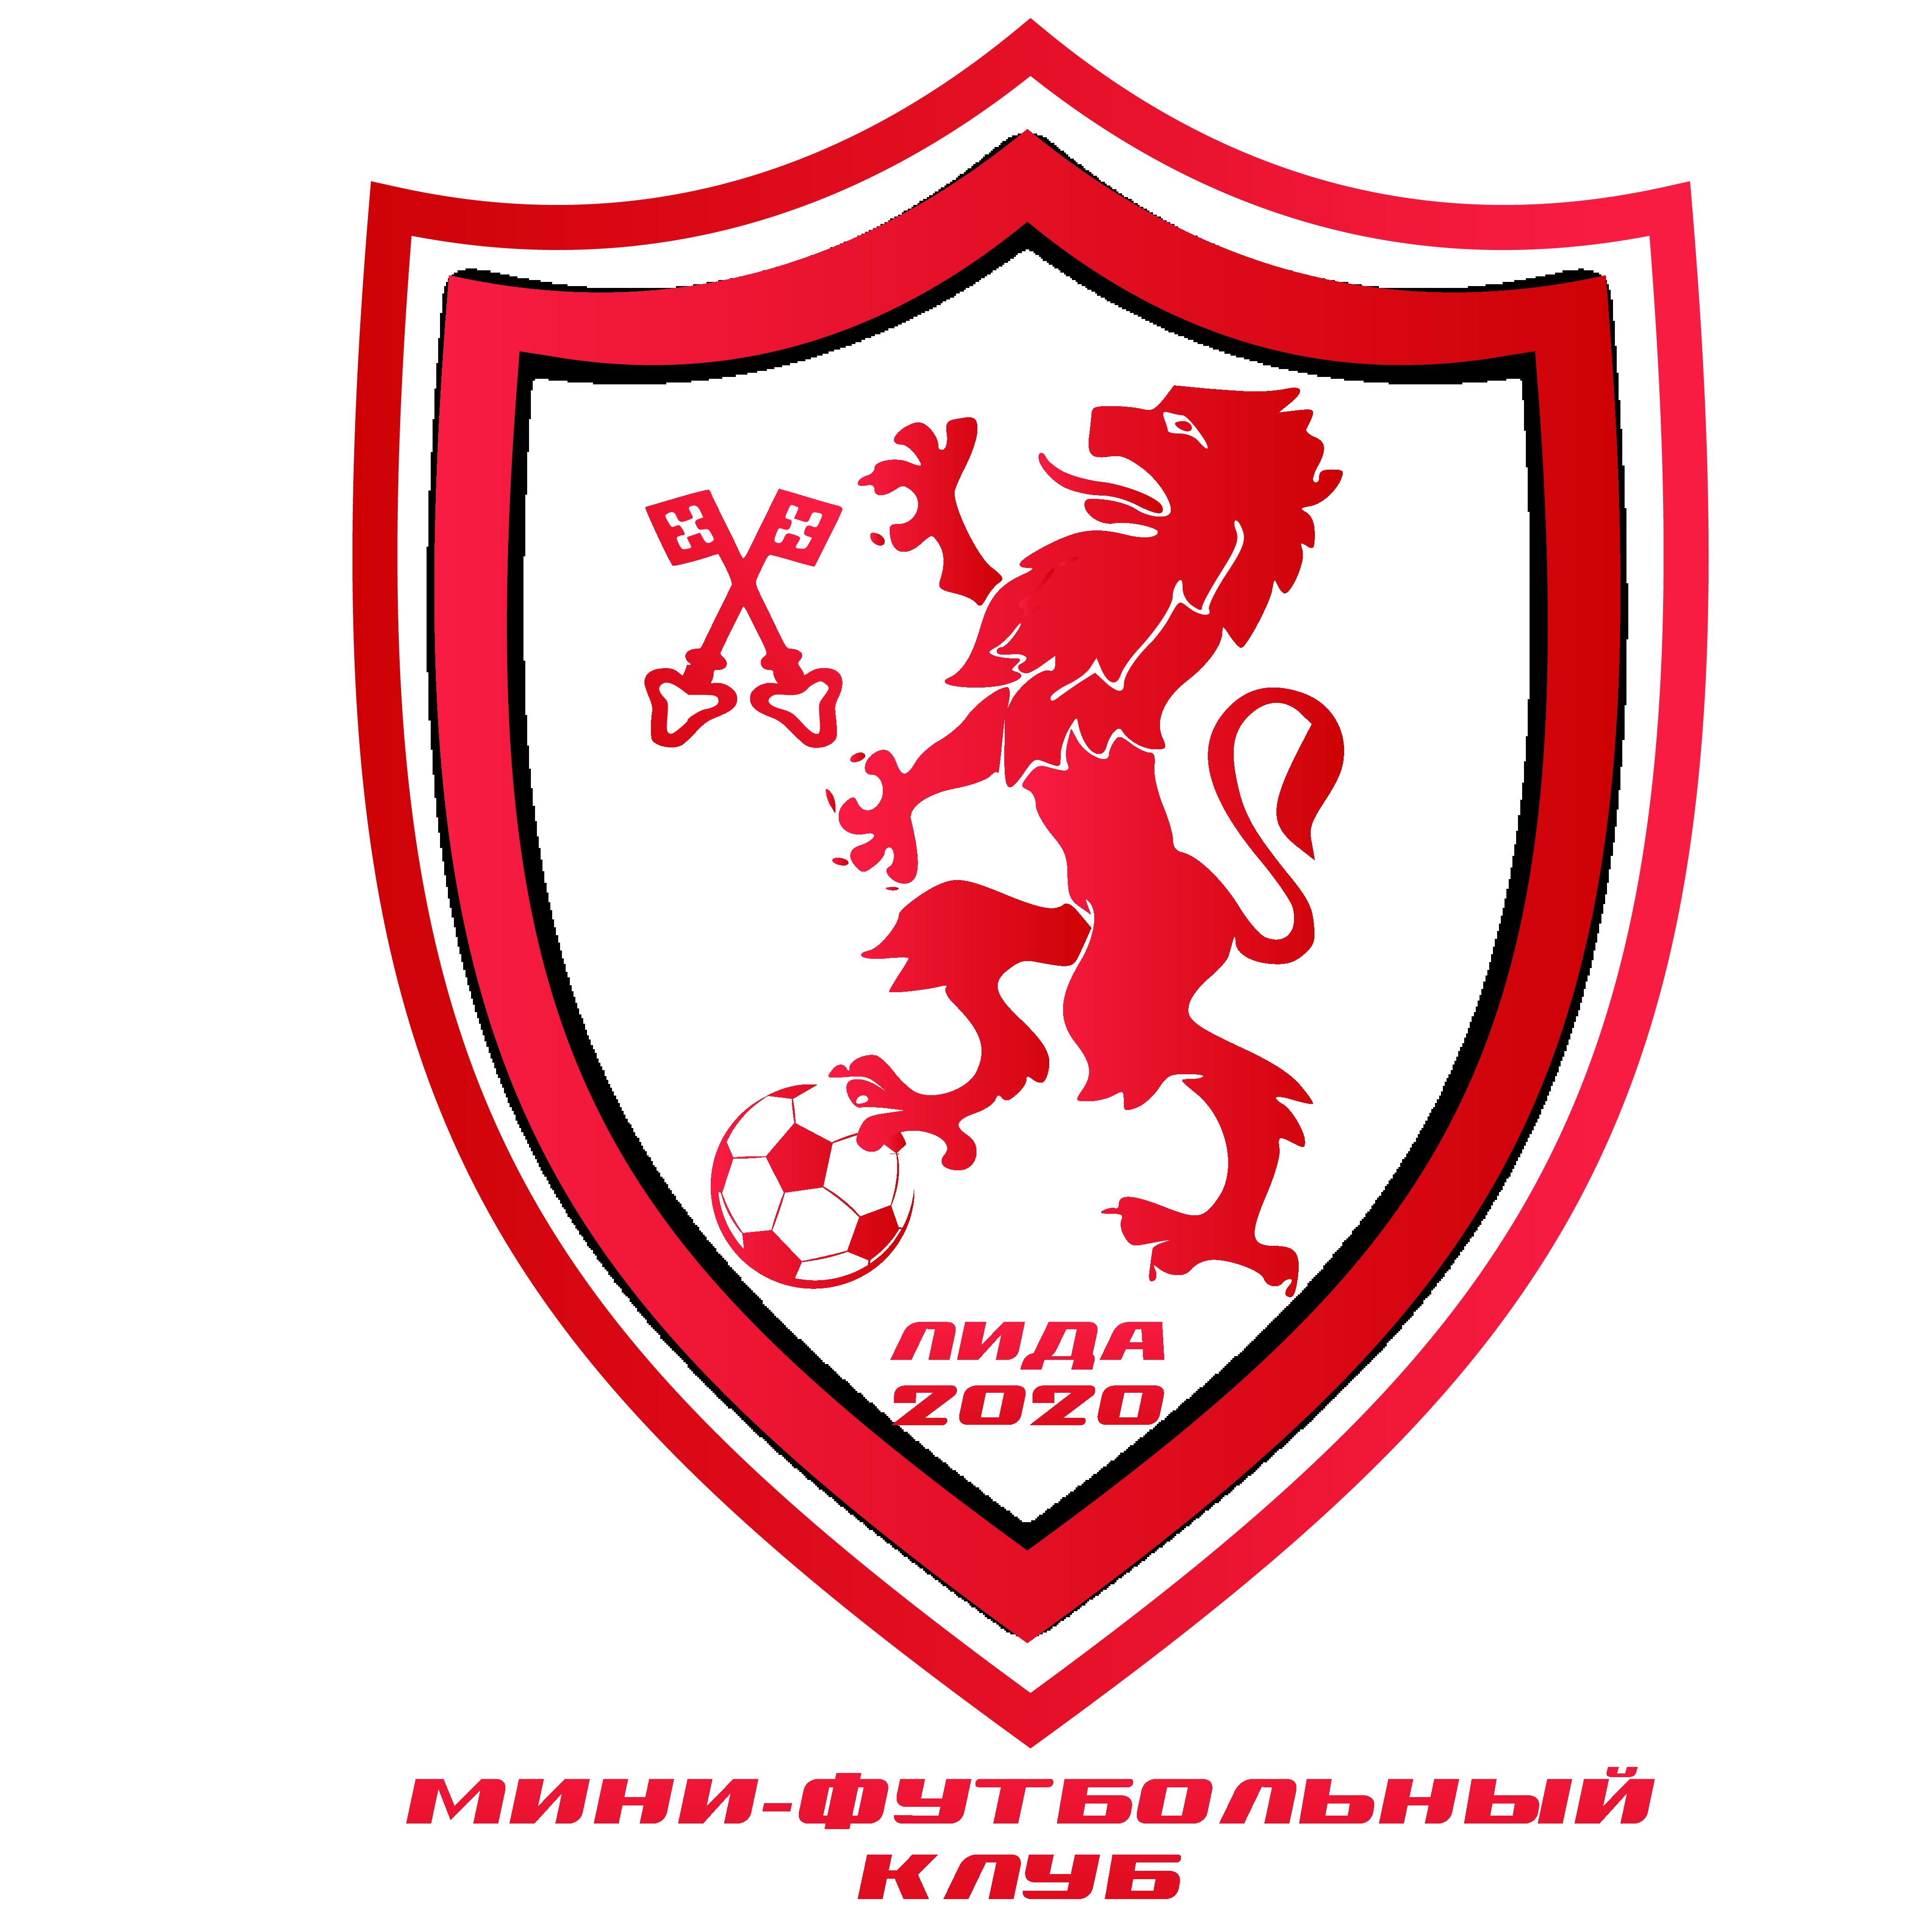 В воскресенье мини-футбольный клуб «Лида» стартовал в ХXXIII чемпионате республики в высшей лиге.